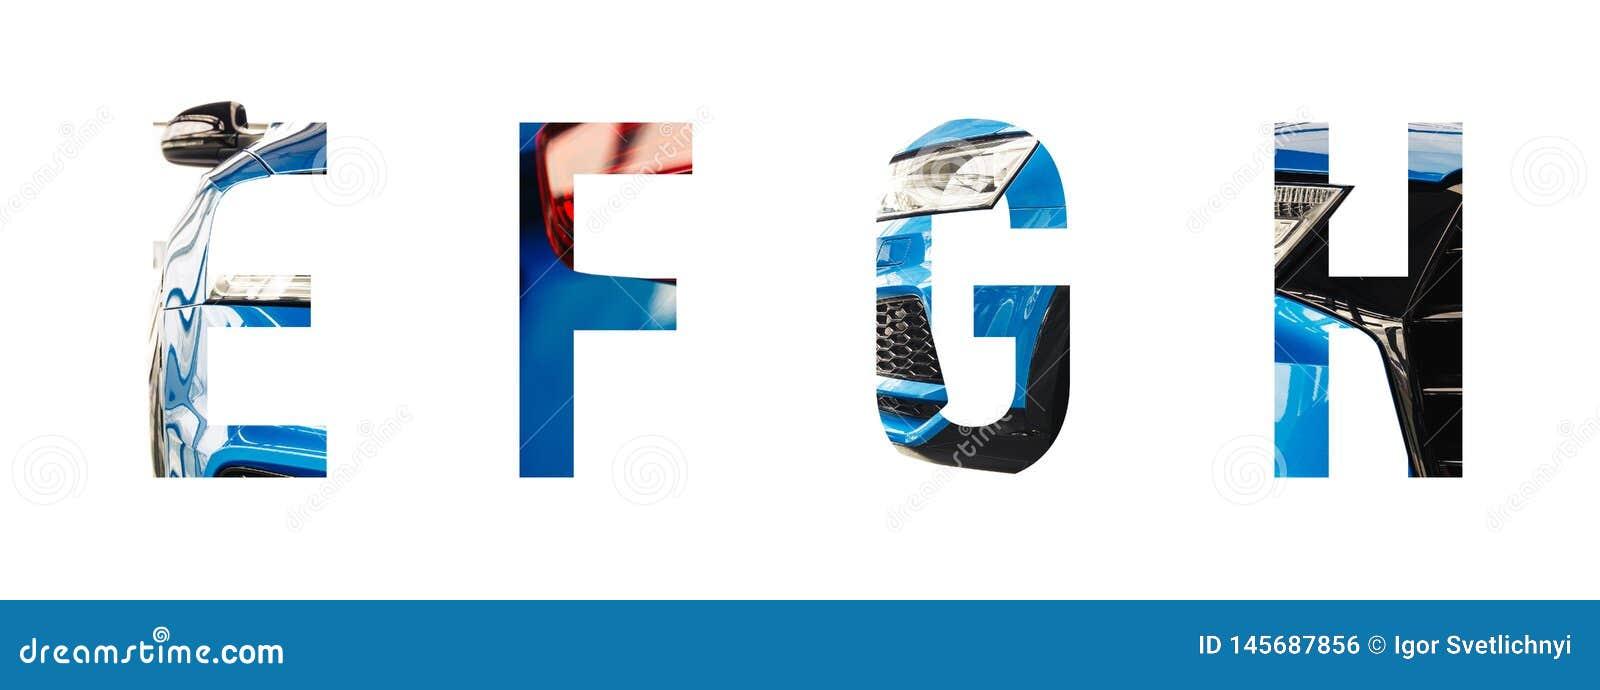 Automobilguß Alphabet e, f, g, h